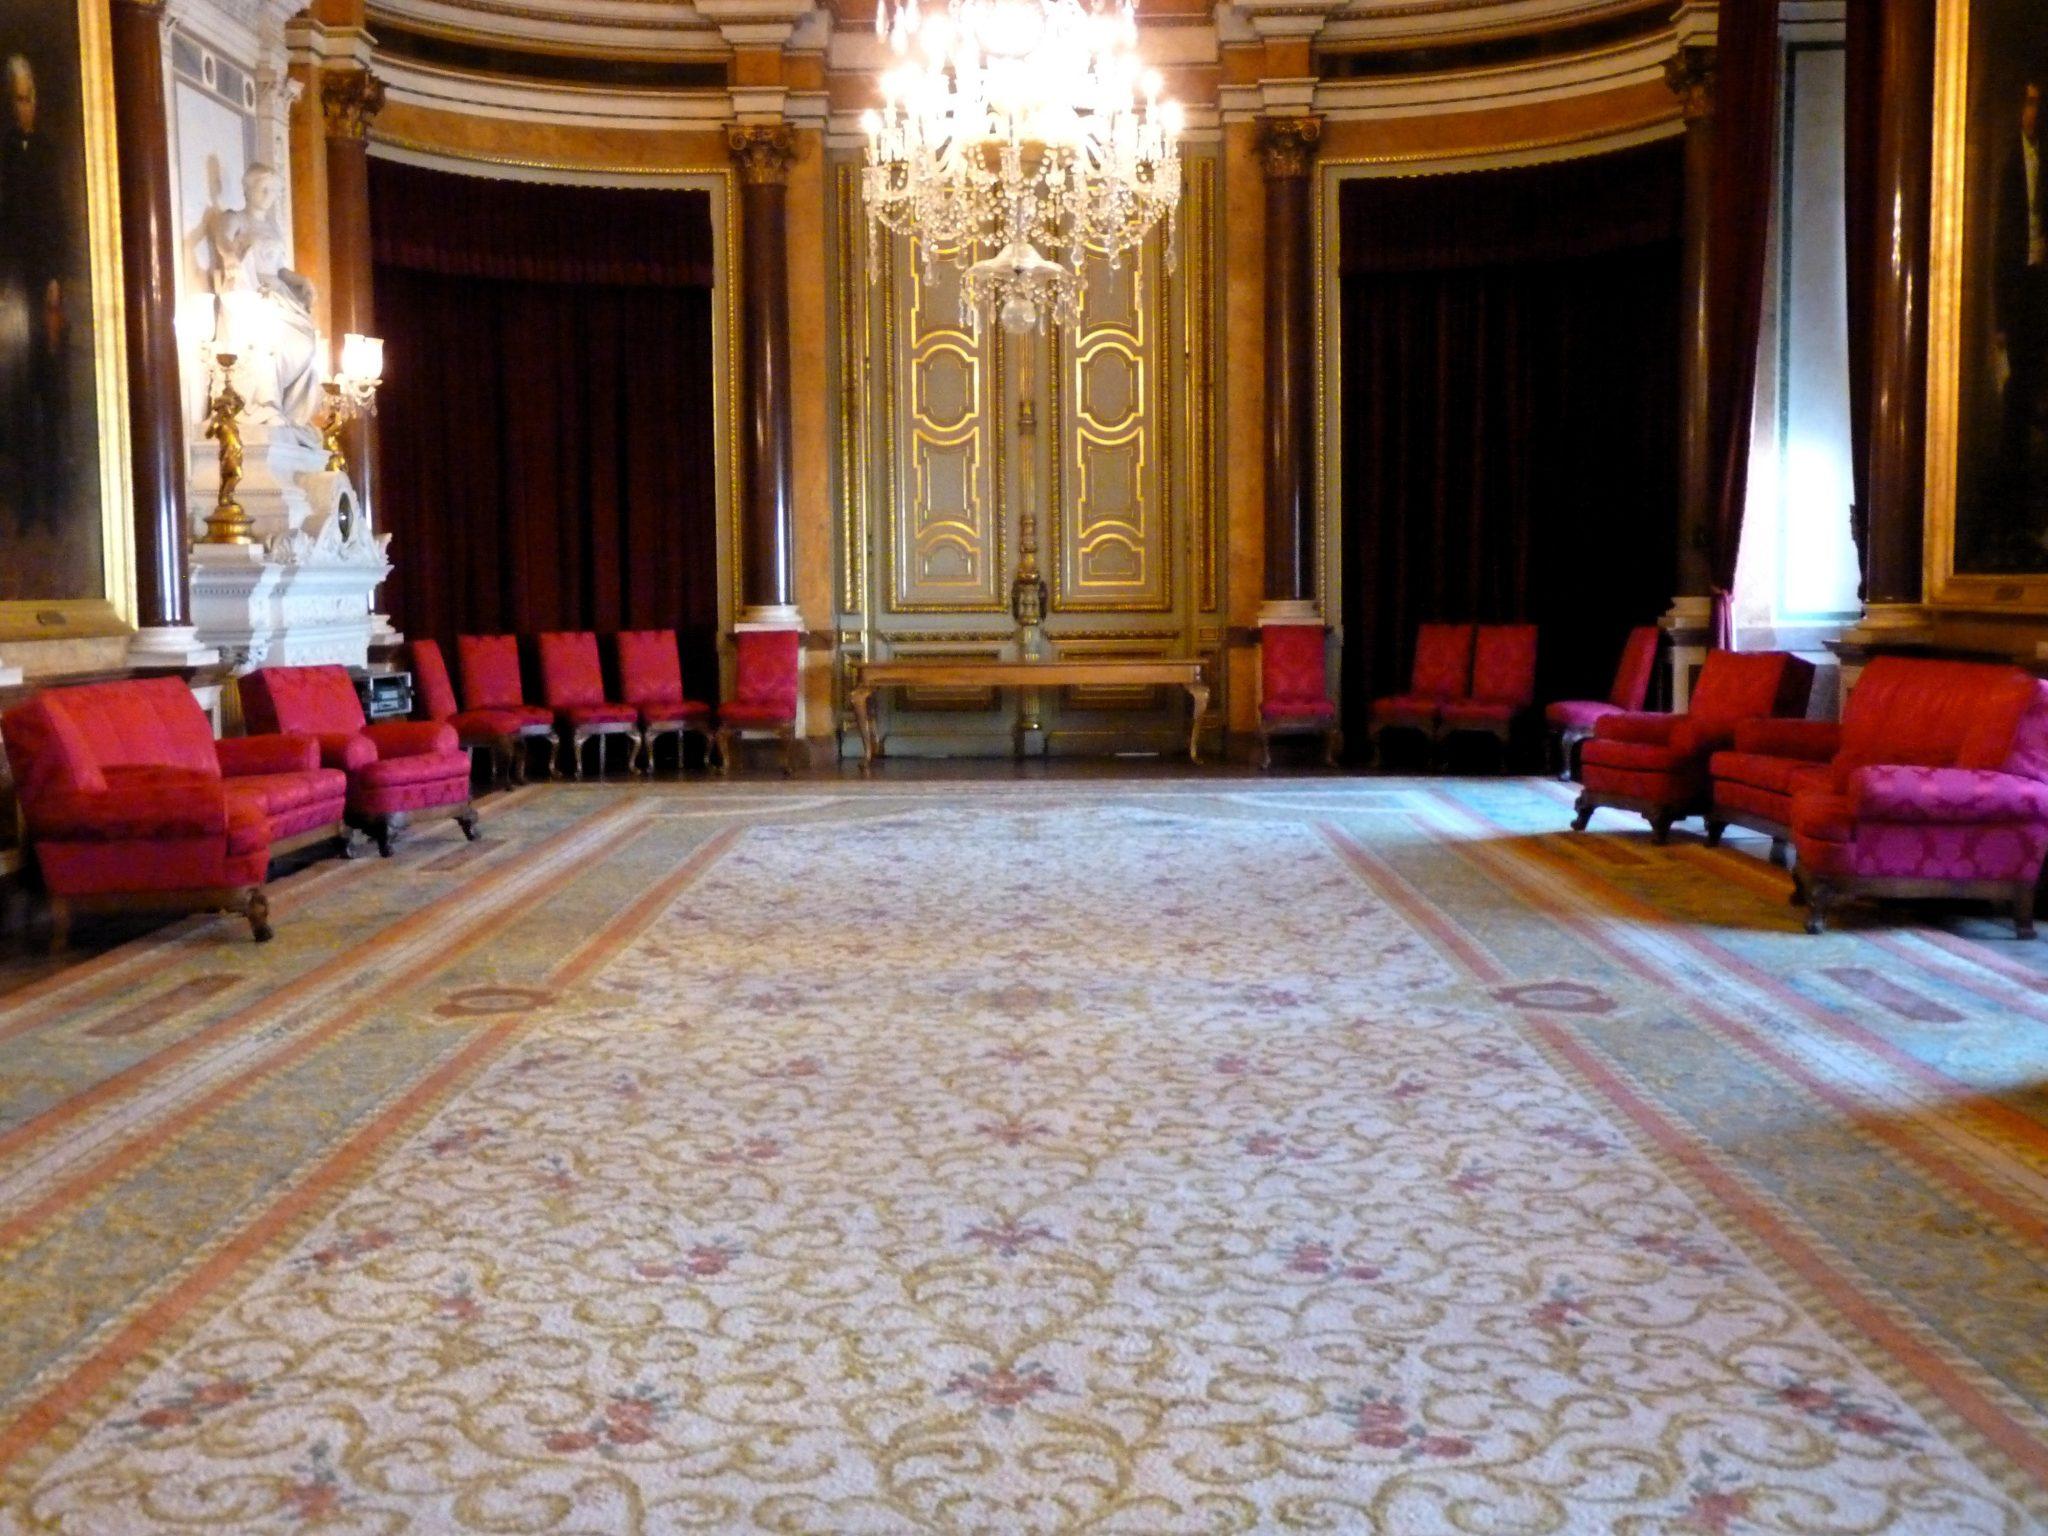 Câmara Municipal de Lisboa salão nobre 01 Lisboa Portugal Mundo Indefinido